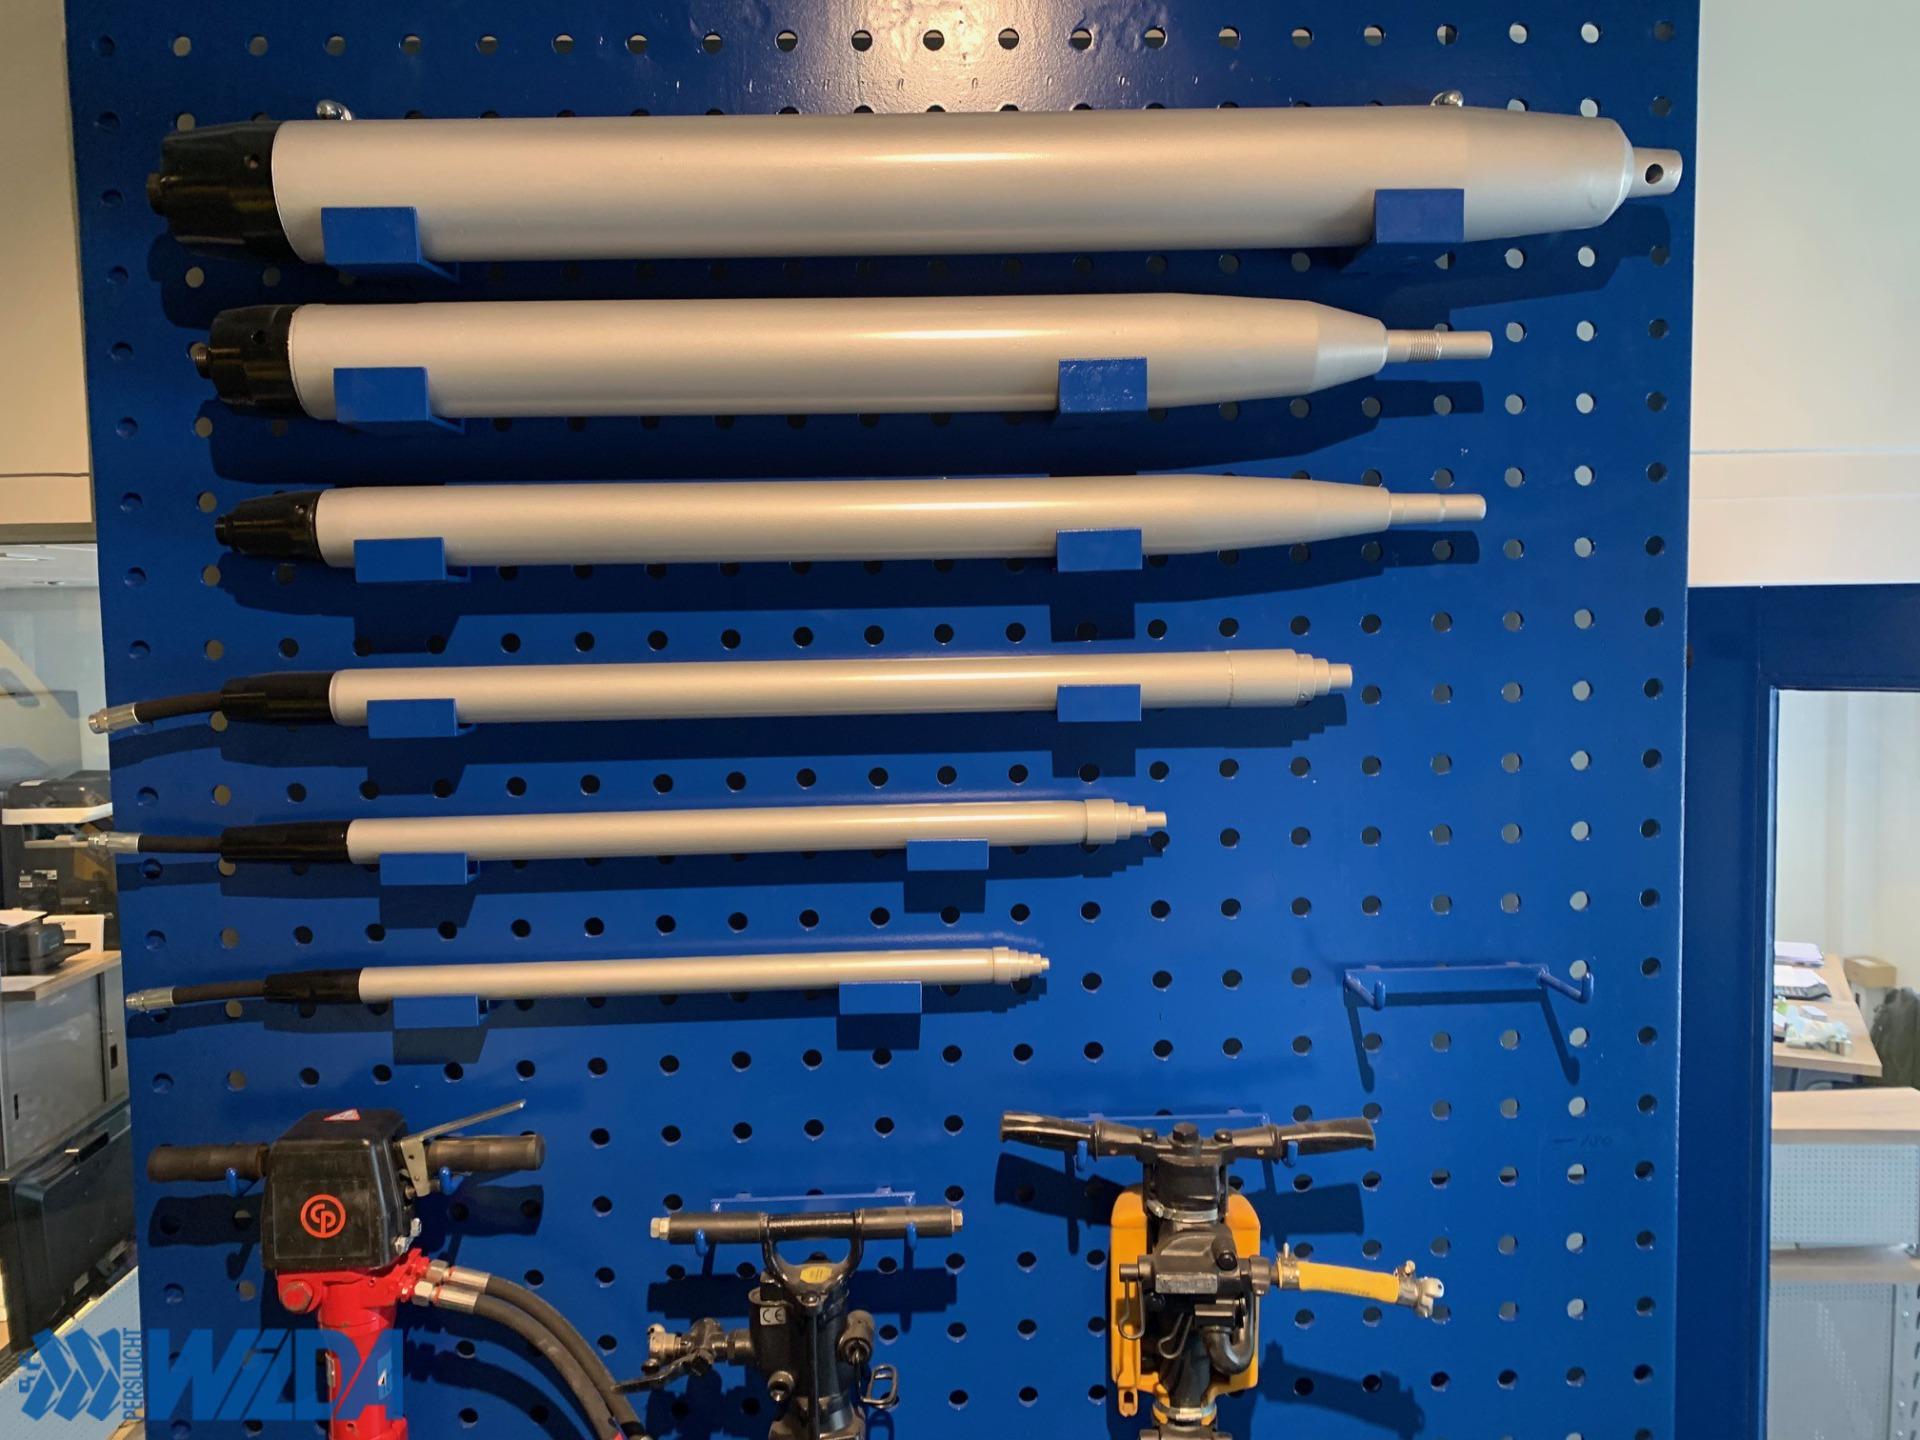 Bodemraketten-Essig-bodemraket-IP-45Z-getrapte-kop